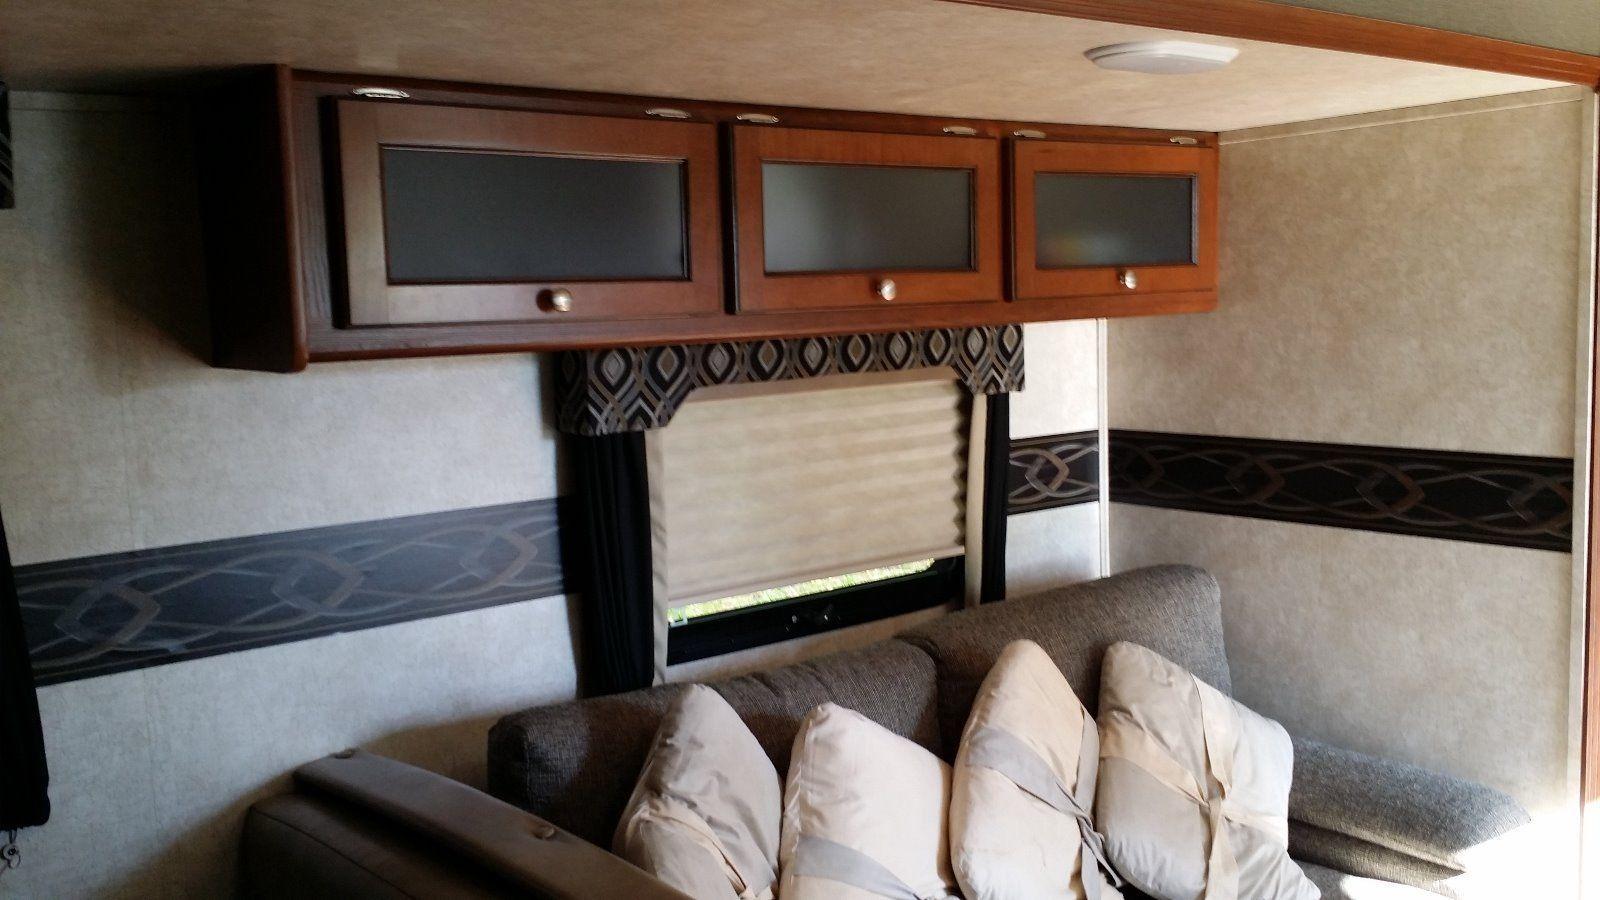 Upgraded bed 2015 Keystone camper trailer